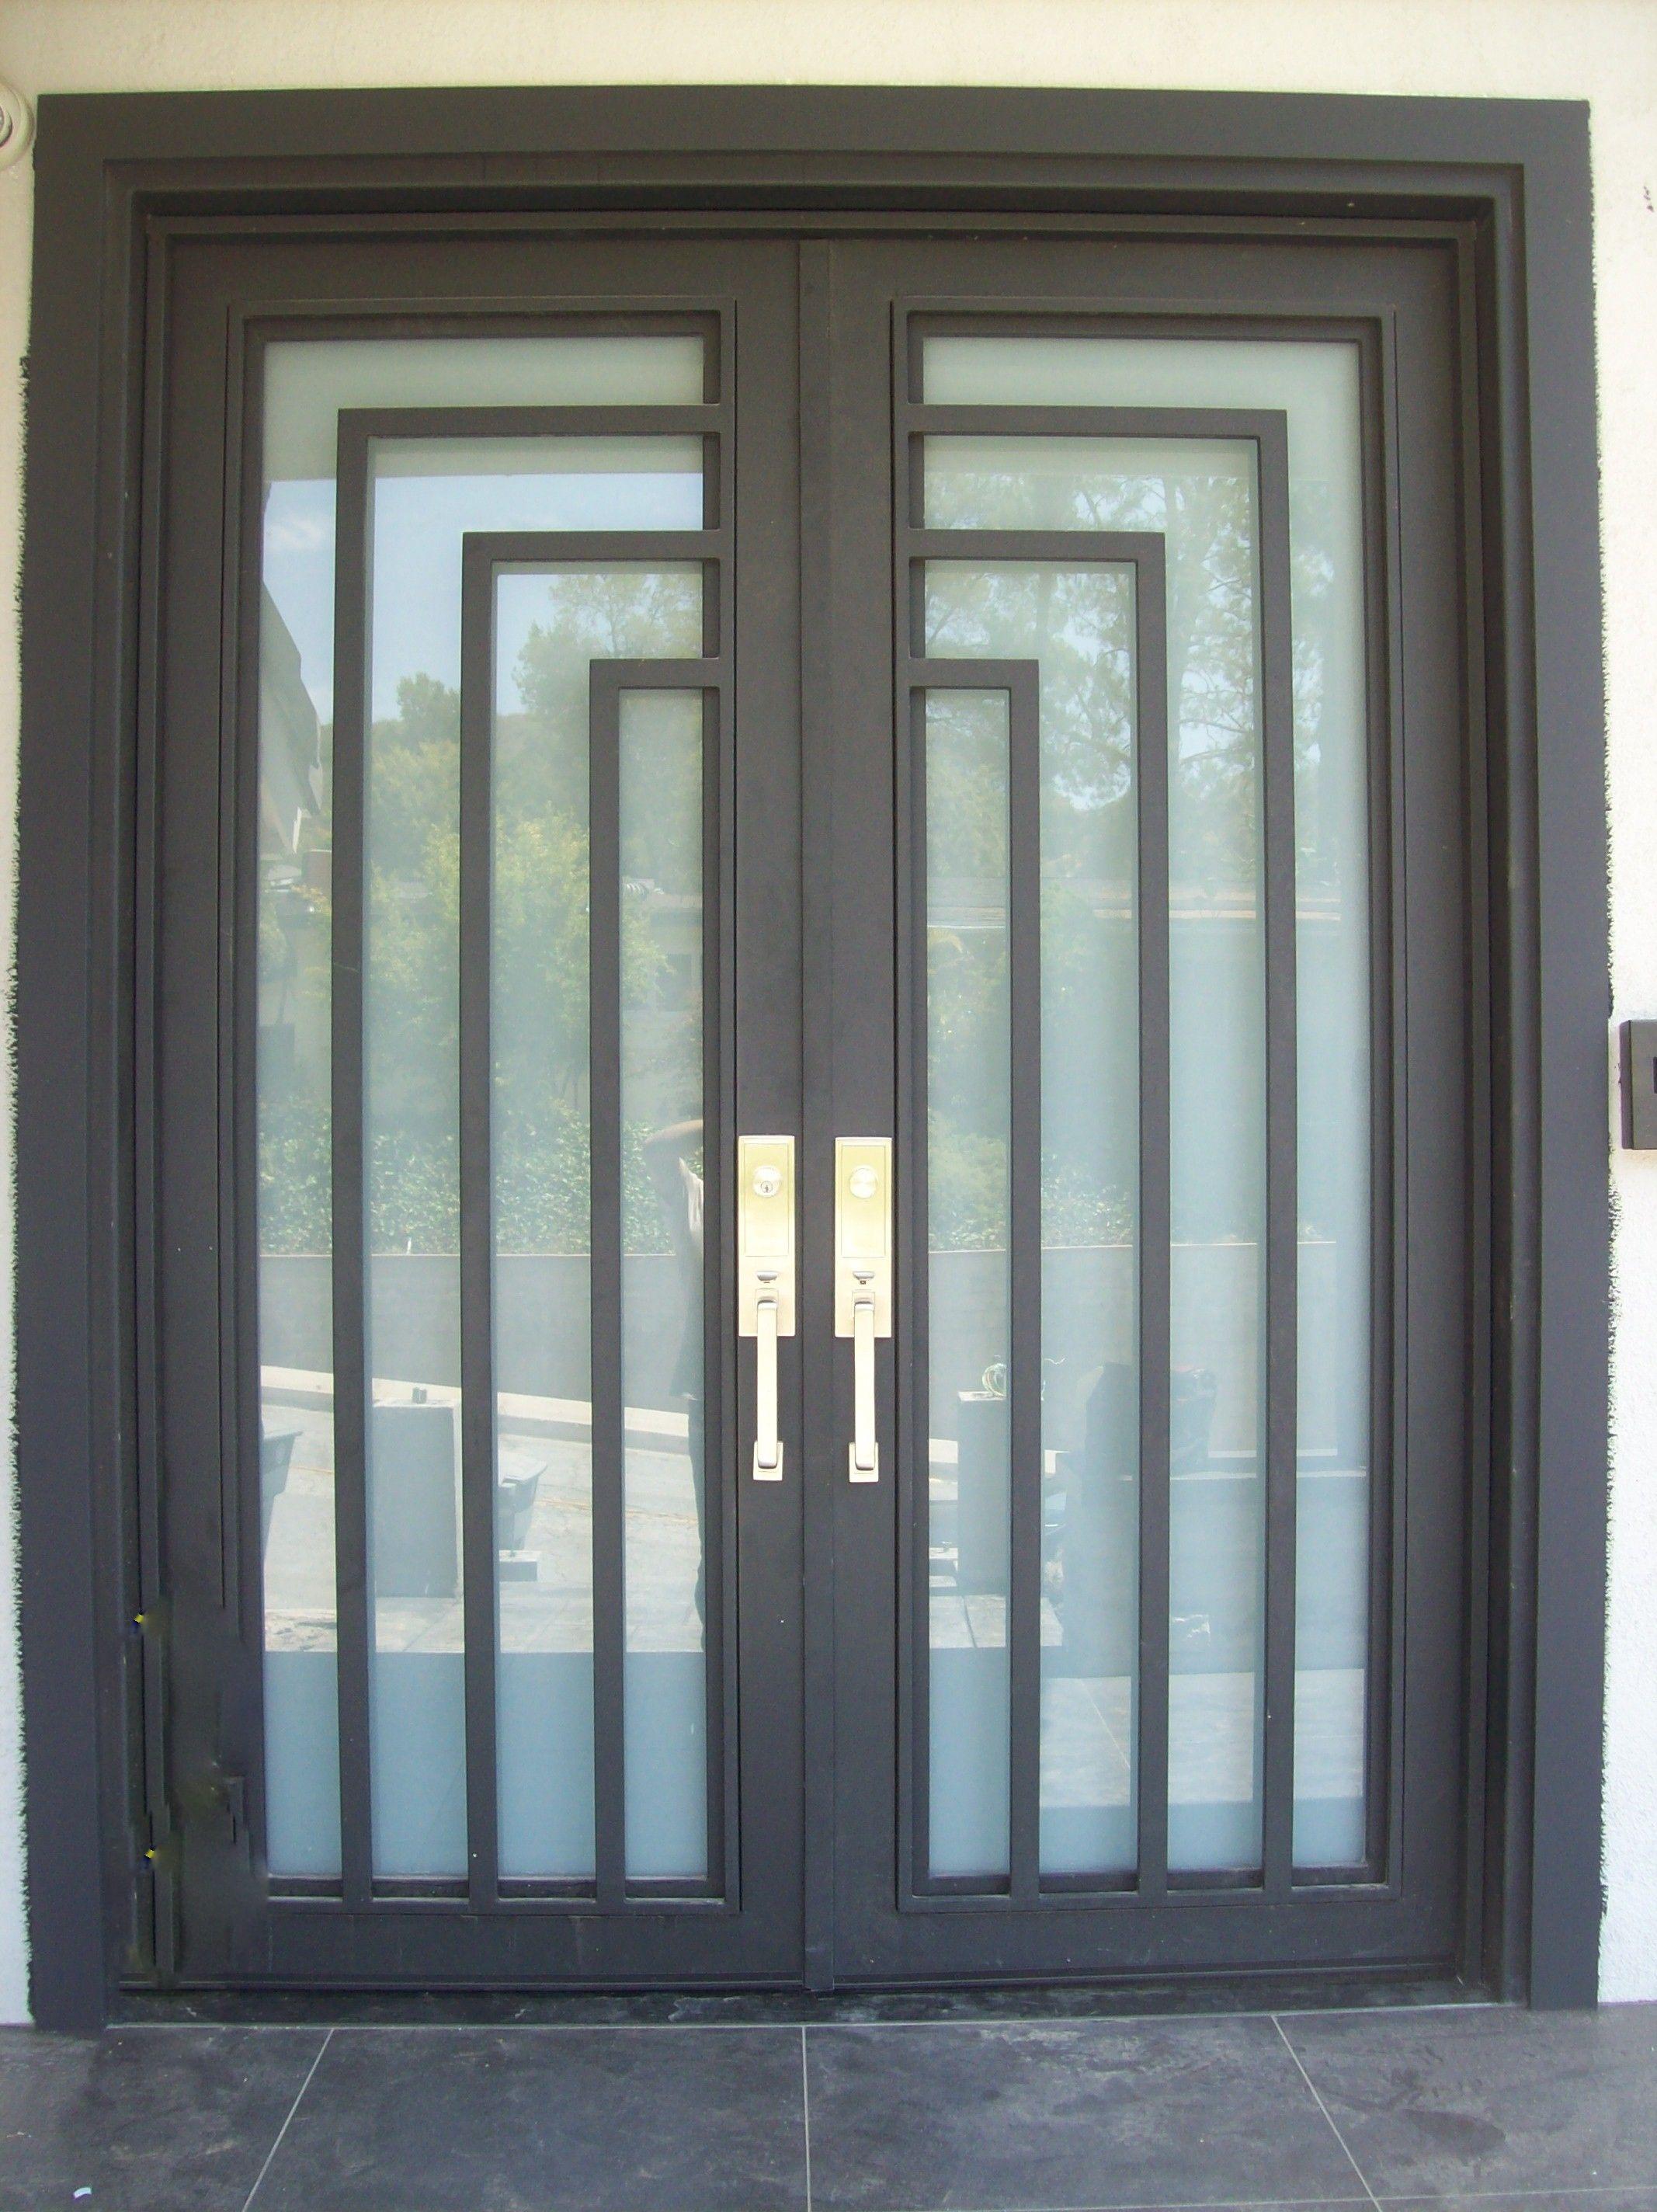 Pin De Gonzalo Vega Porras En Puertas De Metal Puertas Corredizas Puertas De Entrada Puertas De Hierro